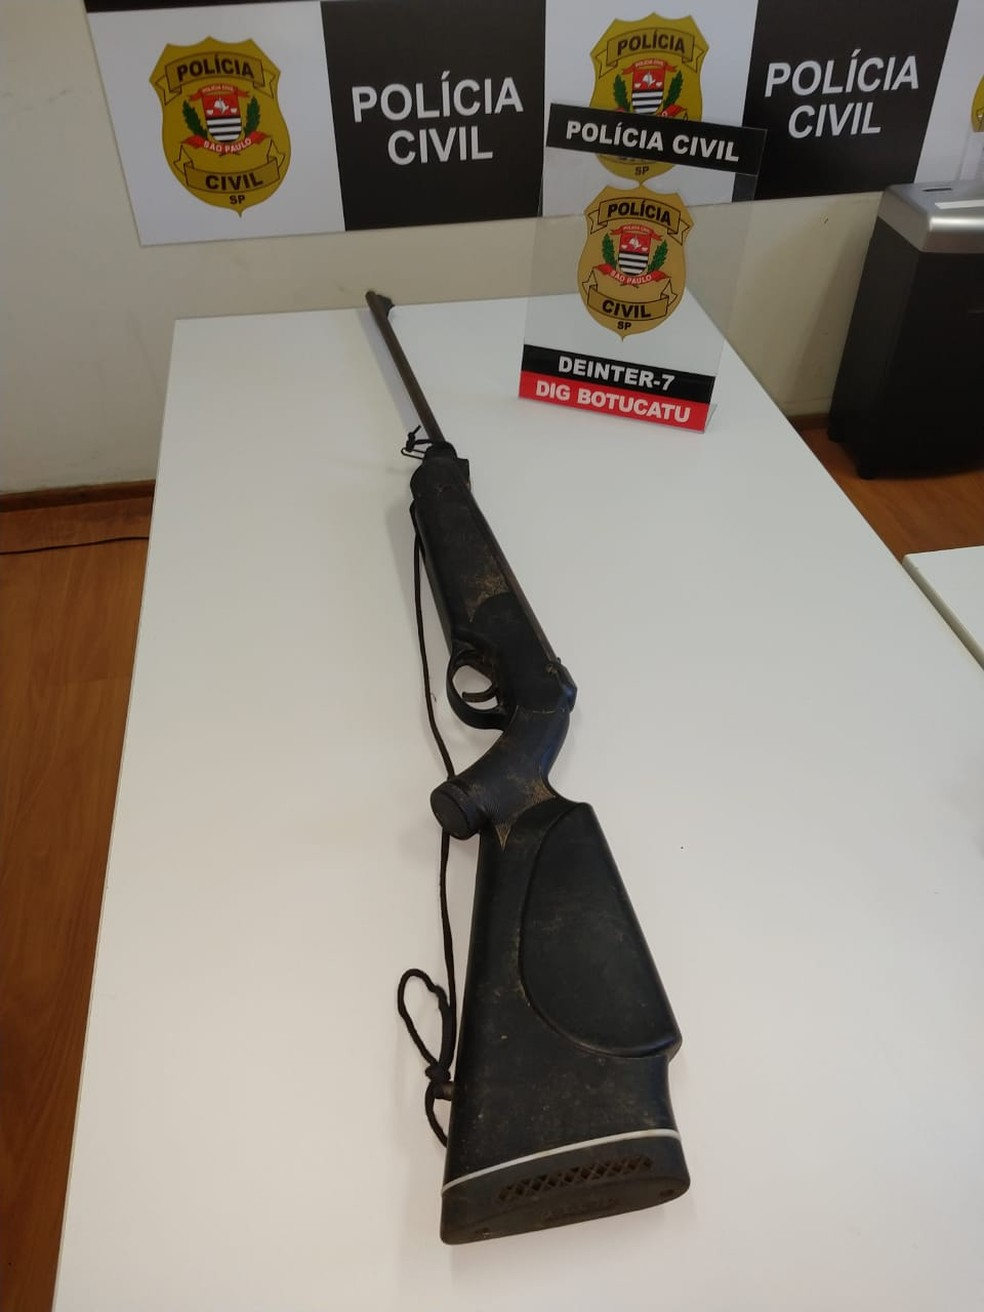 Polícia apreende arma utilizada no homicídio no distrito de Vitoriana, em Botucatu — Foto: Polícia Civil/Divulgação